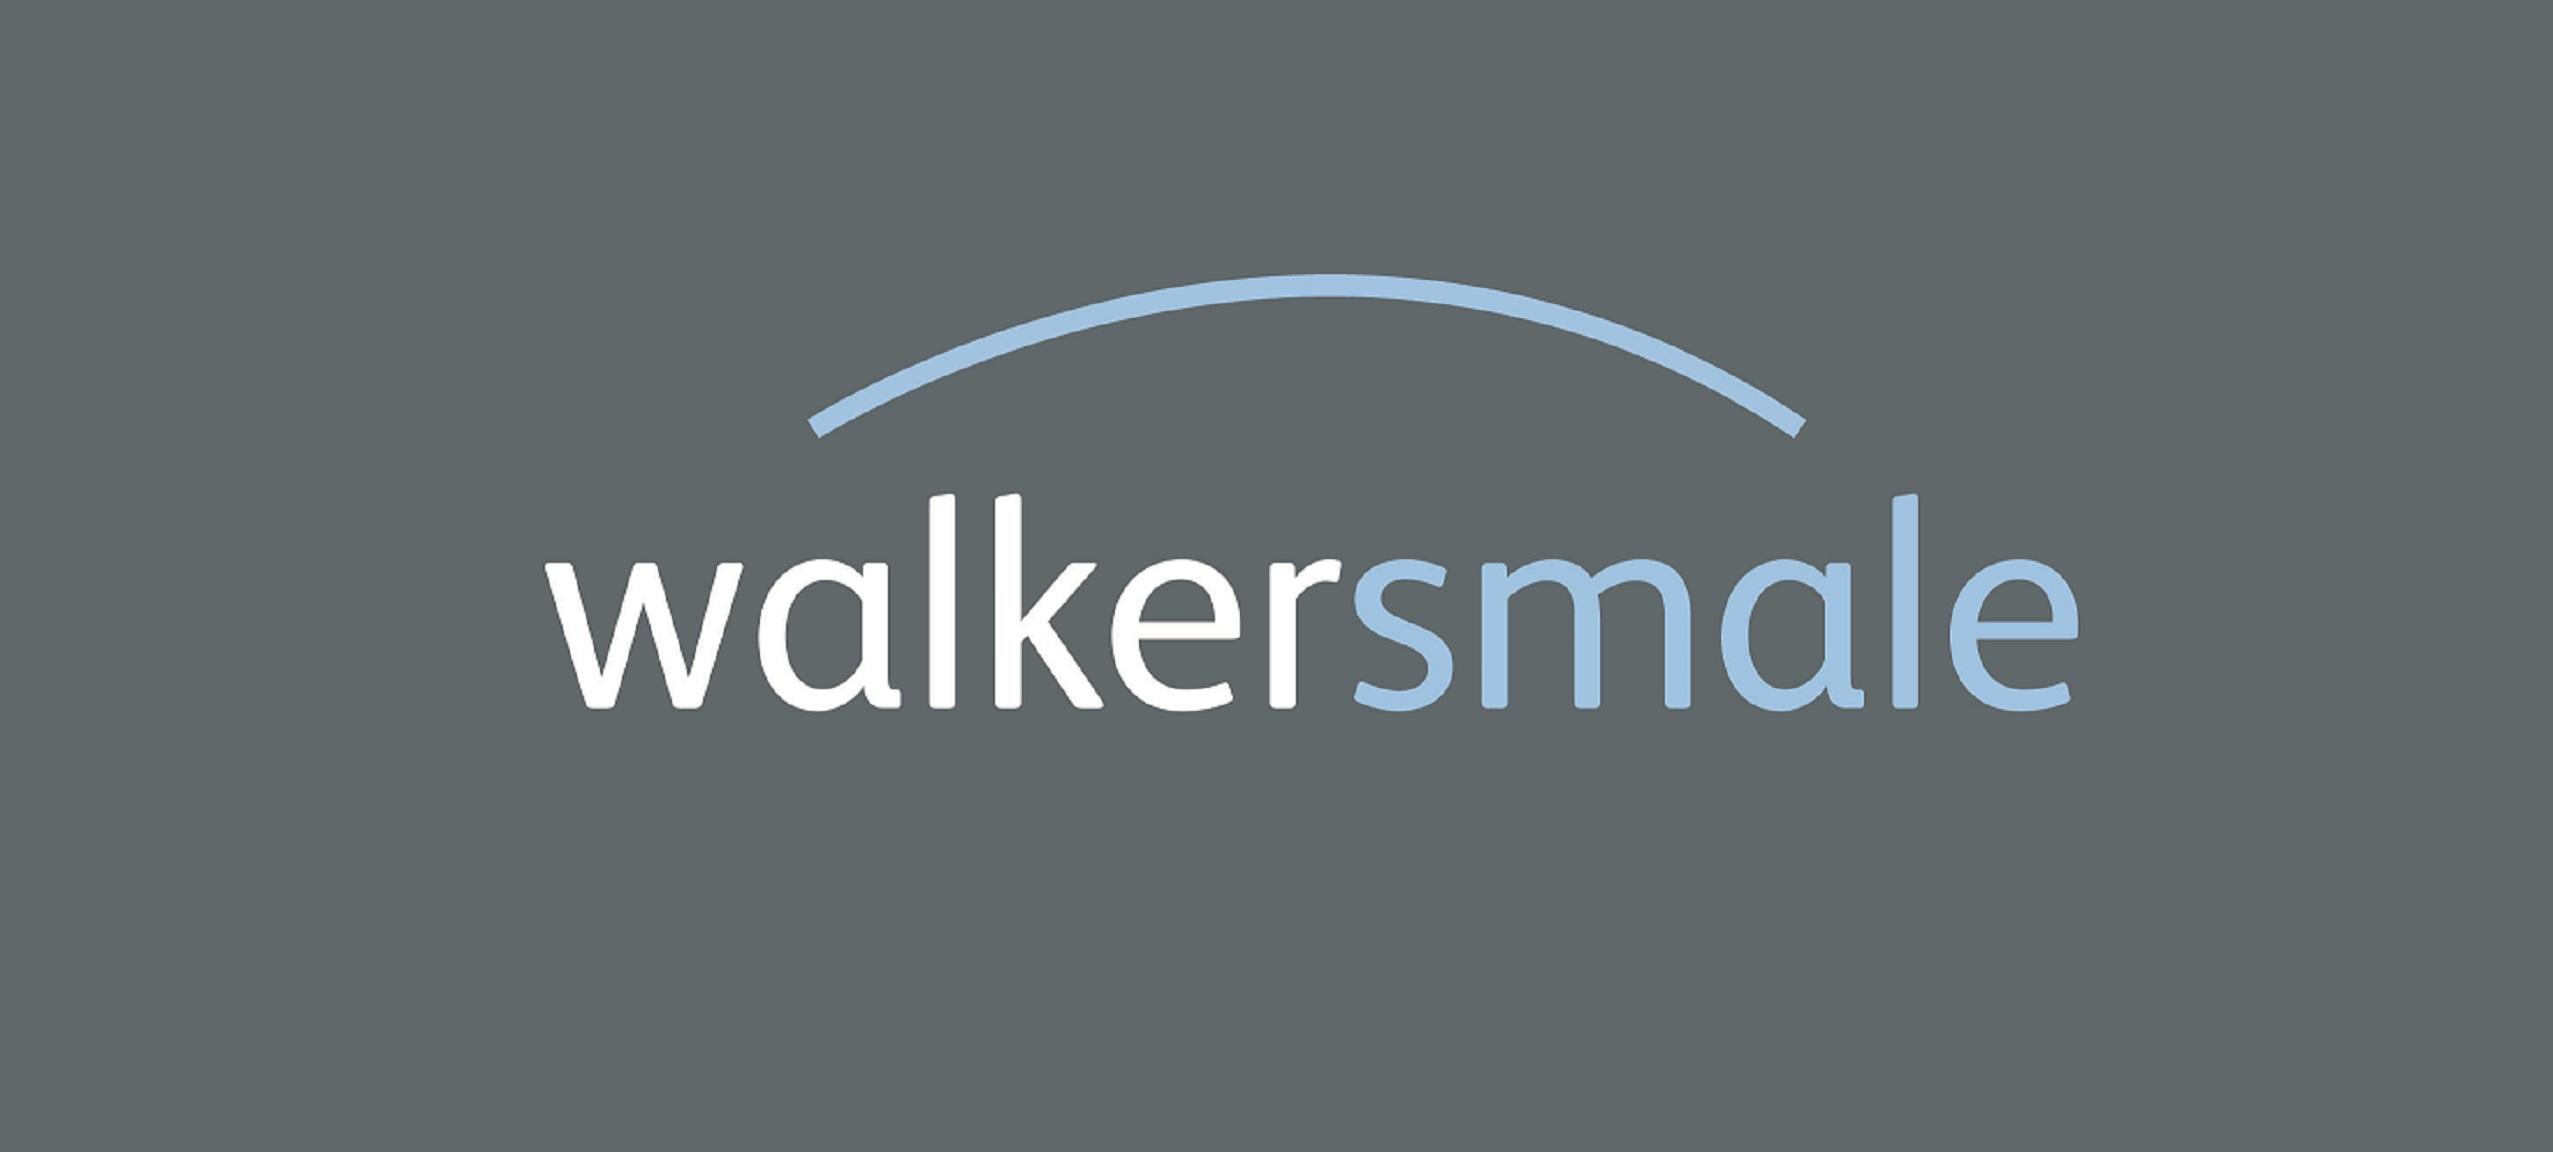 Walker Smale - Bramhope Village